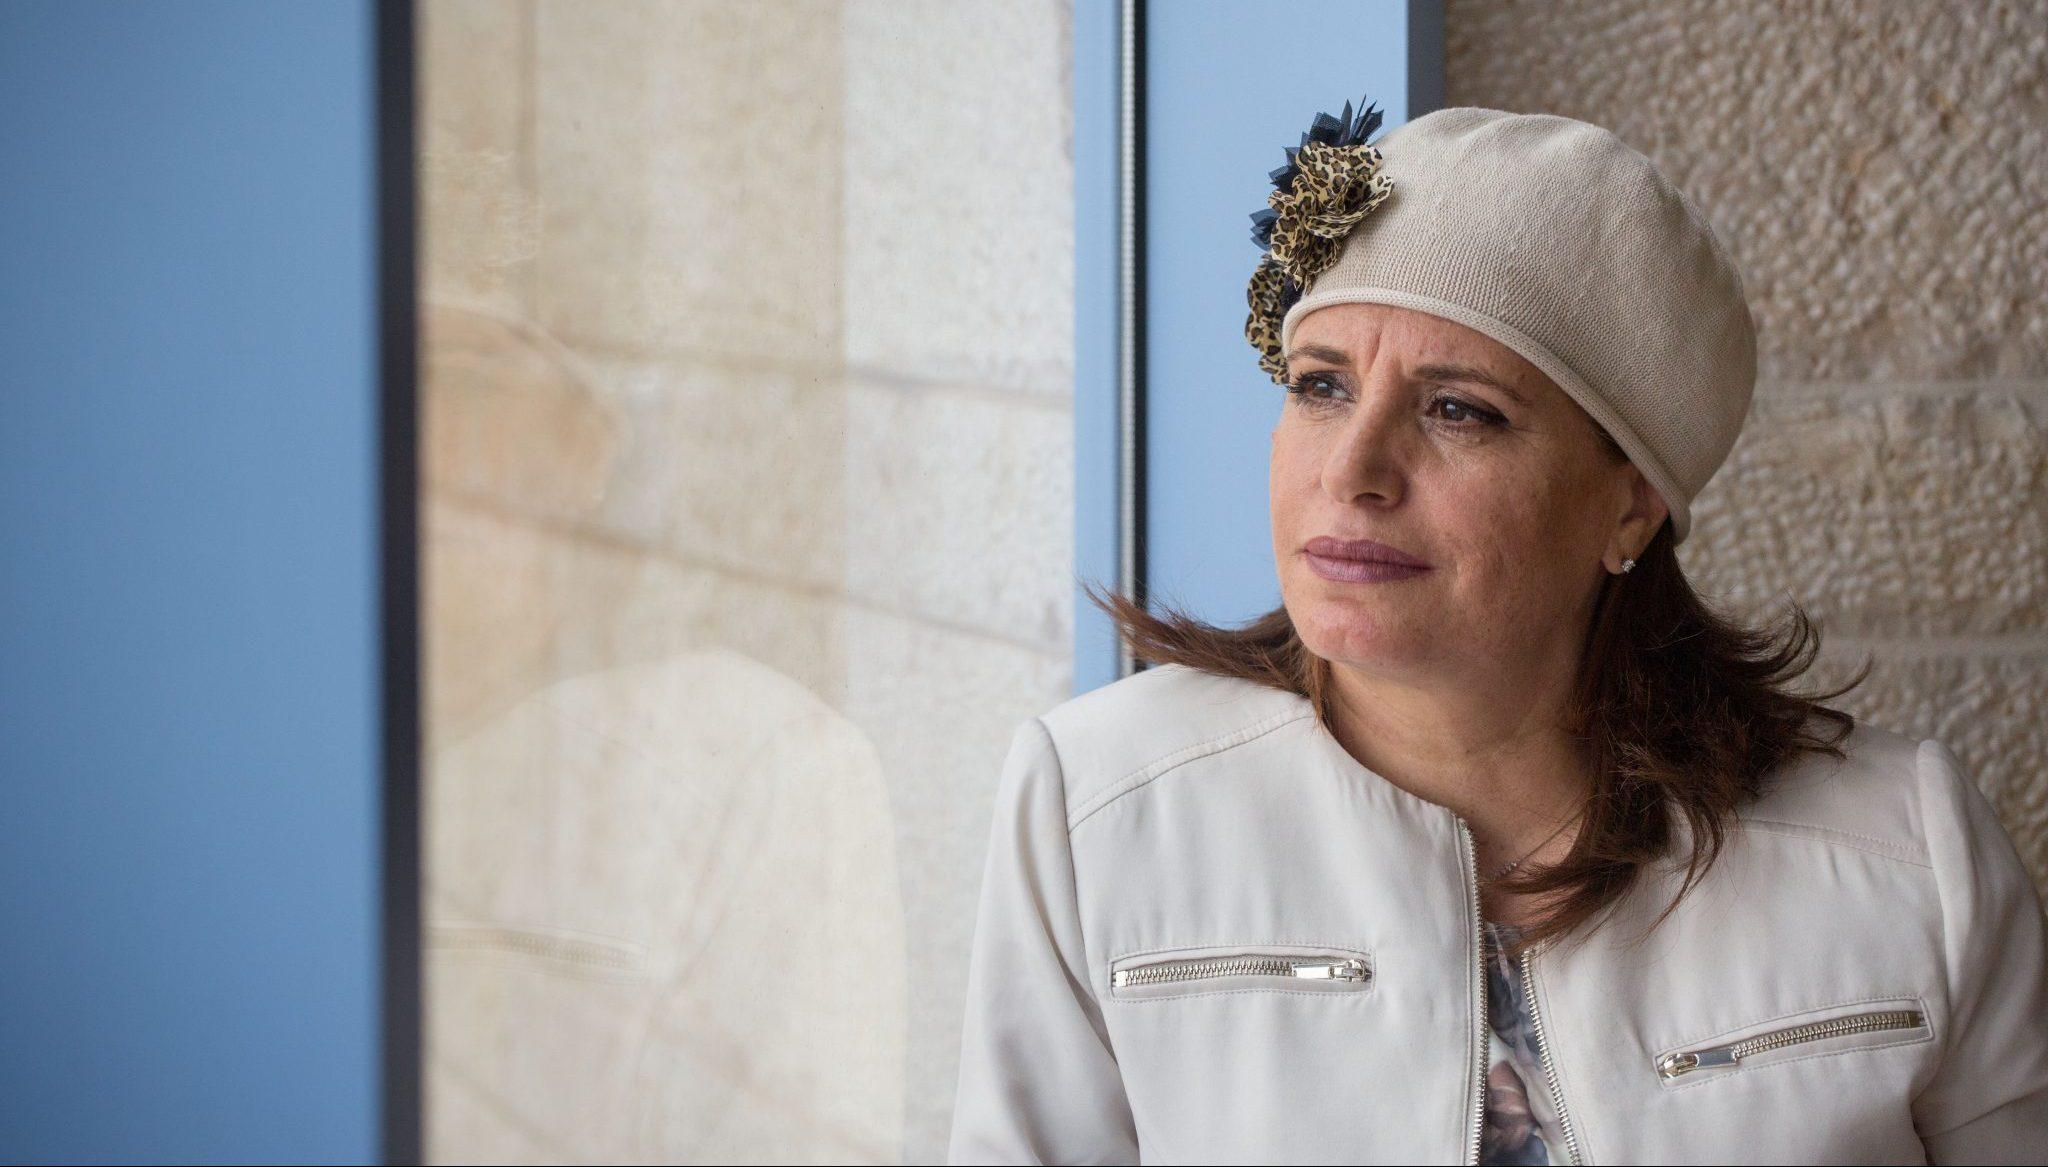 מפלגת ״הבית היהודי״ נהרסה והגיע זמן לשקמה. חגית משה מסוגלת | בועז גולן